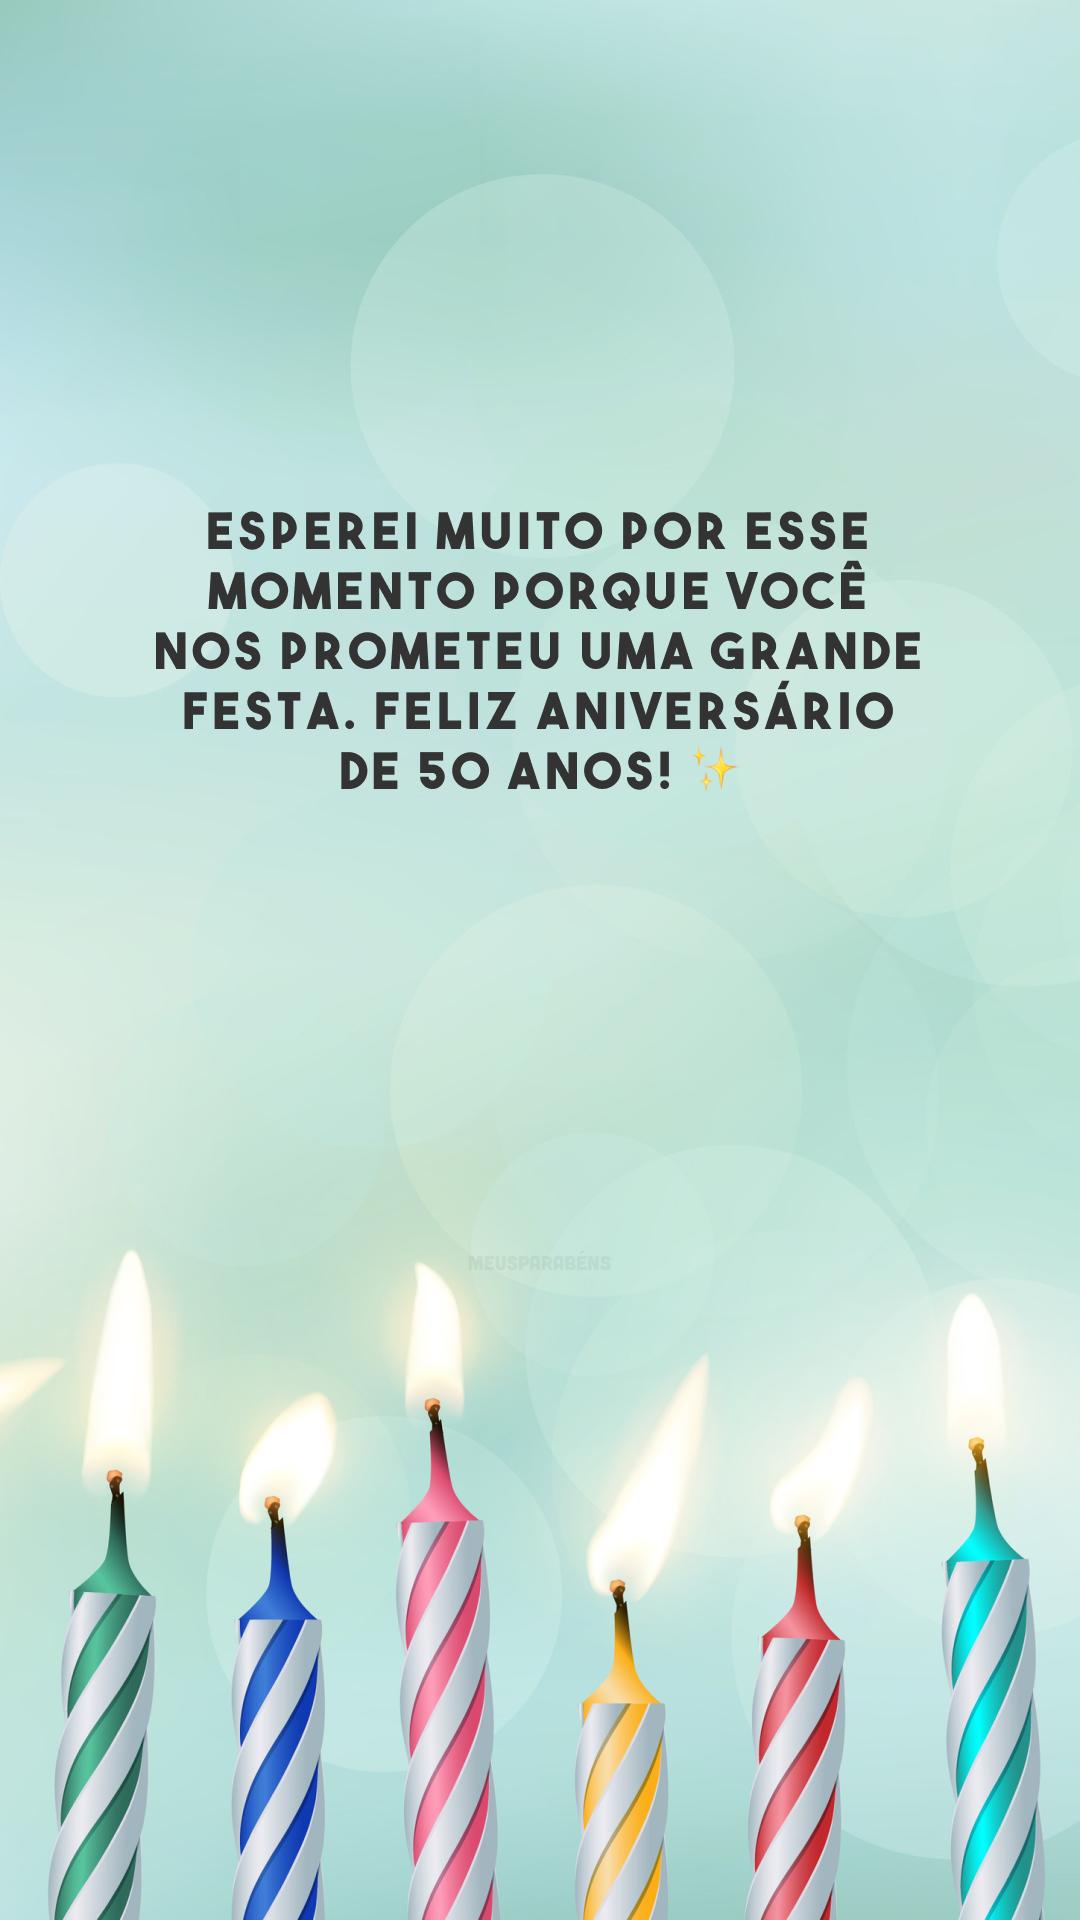 Esperei muito por esse momento porque você nos prometeu uma grande festa. Feliz aniversário de 50 anos! ✨